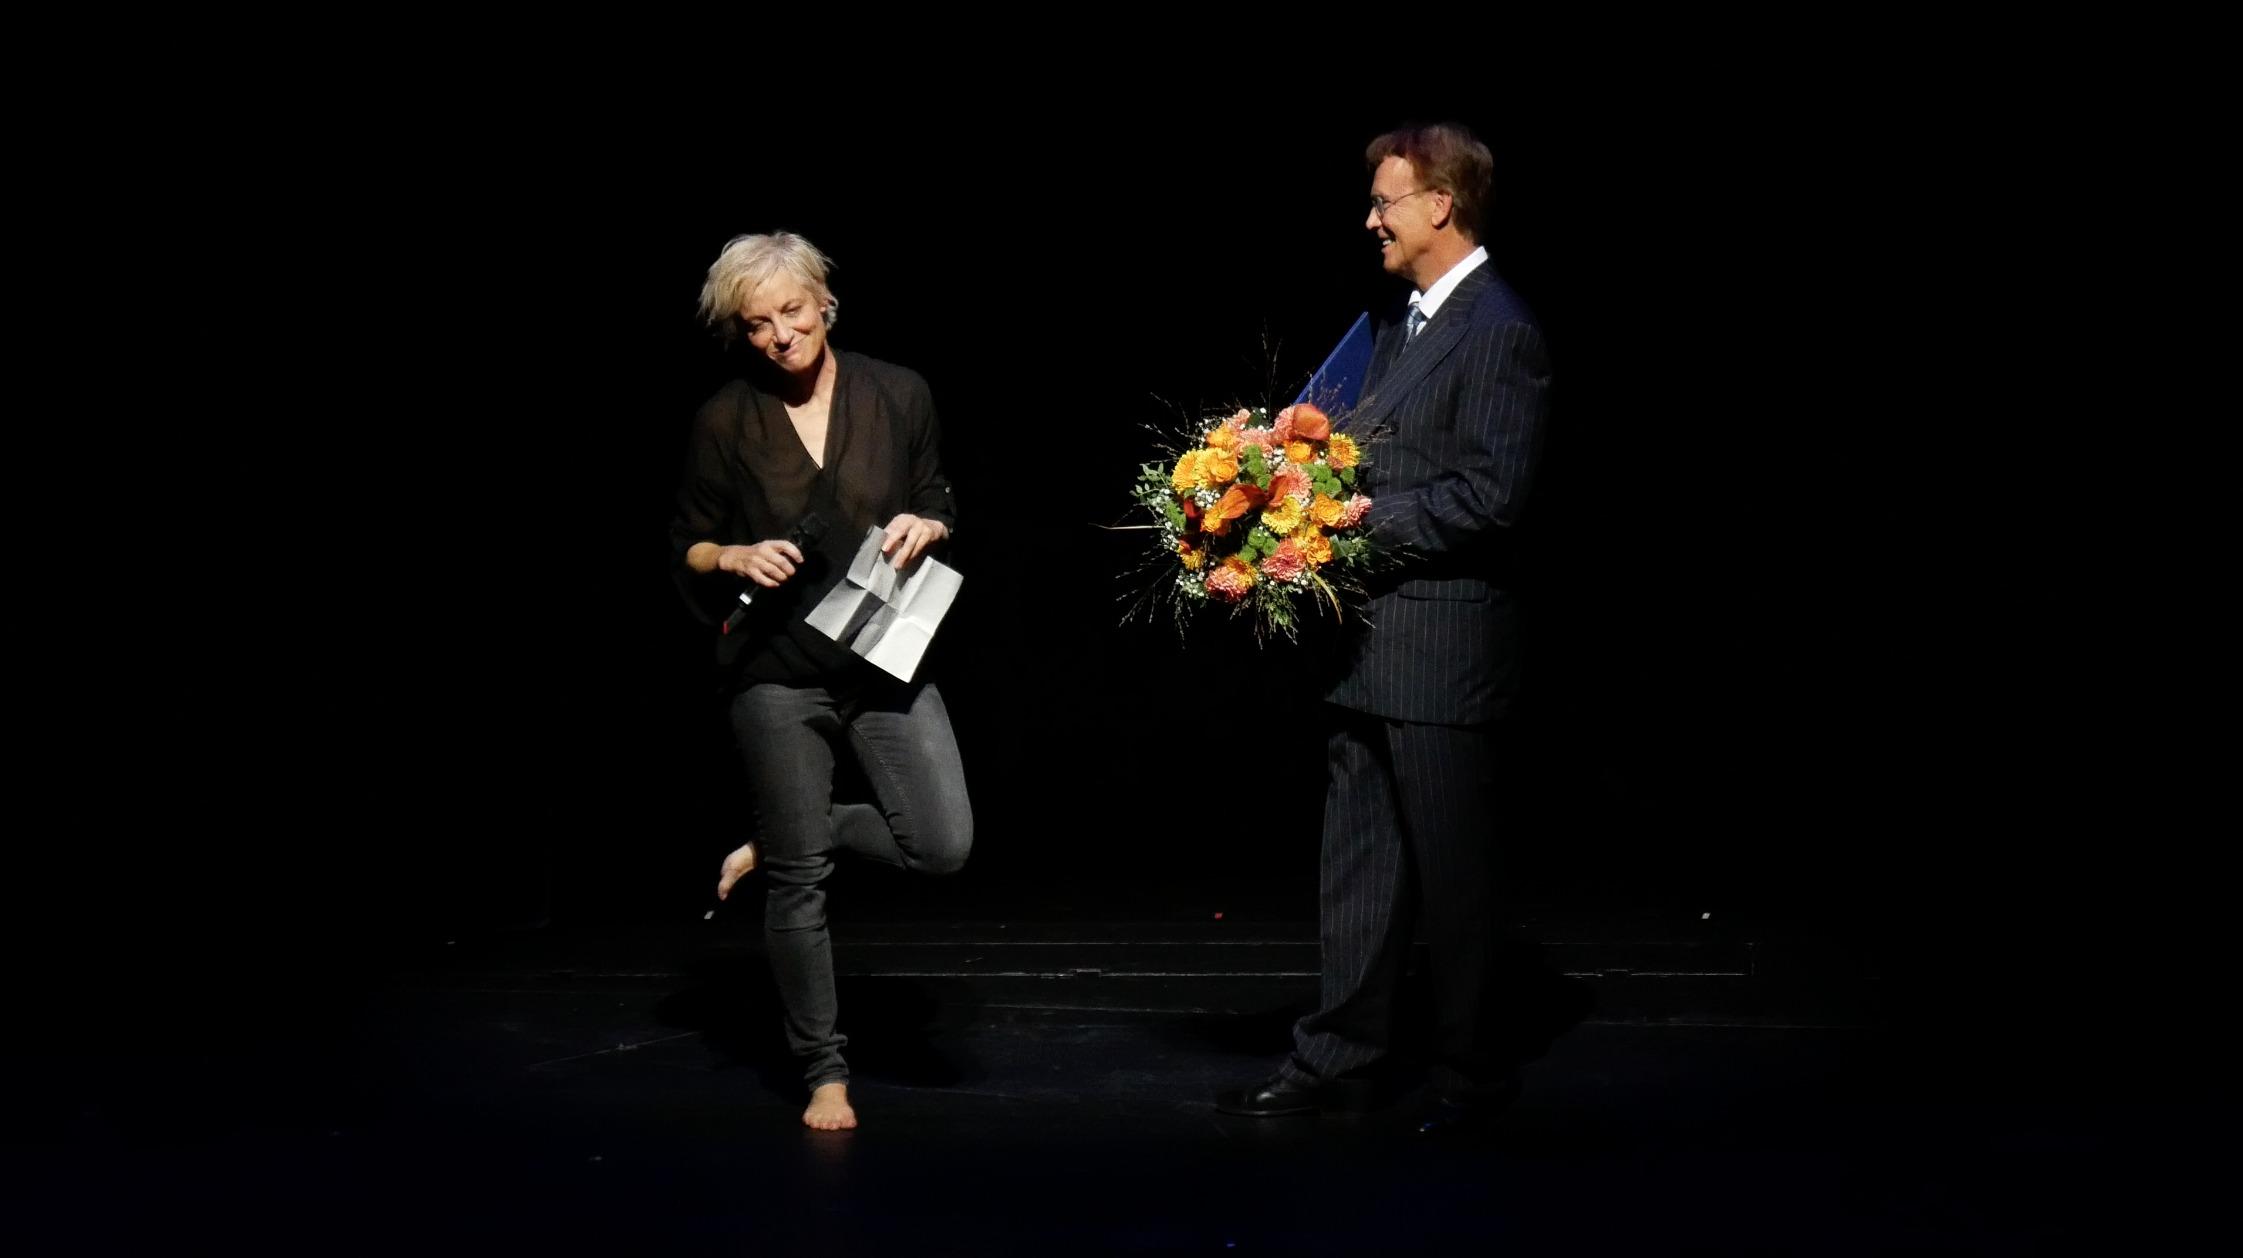 ©PRESSEBILDER Klaus Dilger_TANZWEB Verleihung Deutscher Tanzpreis 2018 in Essen Meg Stuart bei ihrer Dankesrede